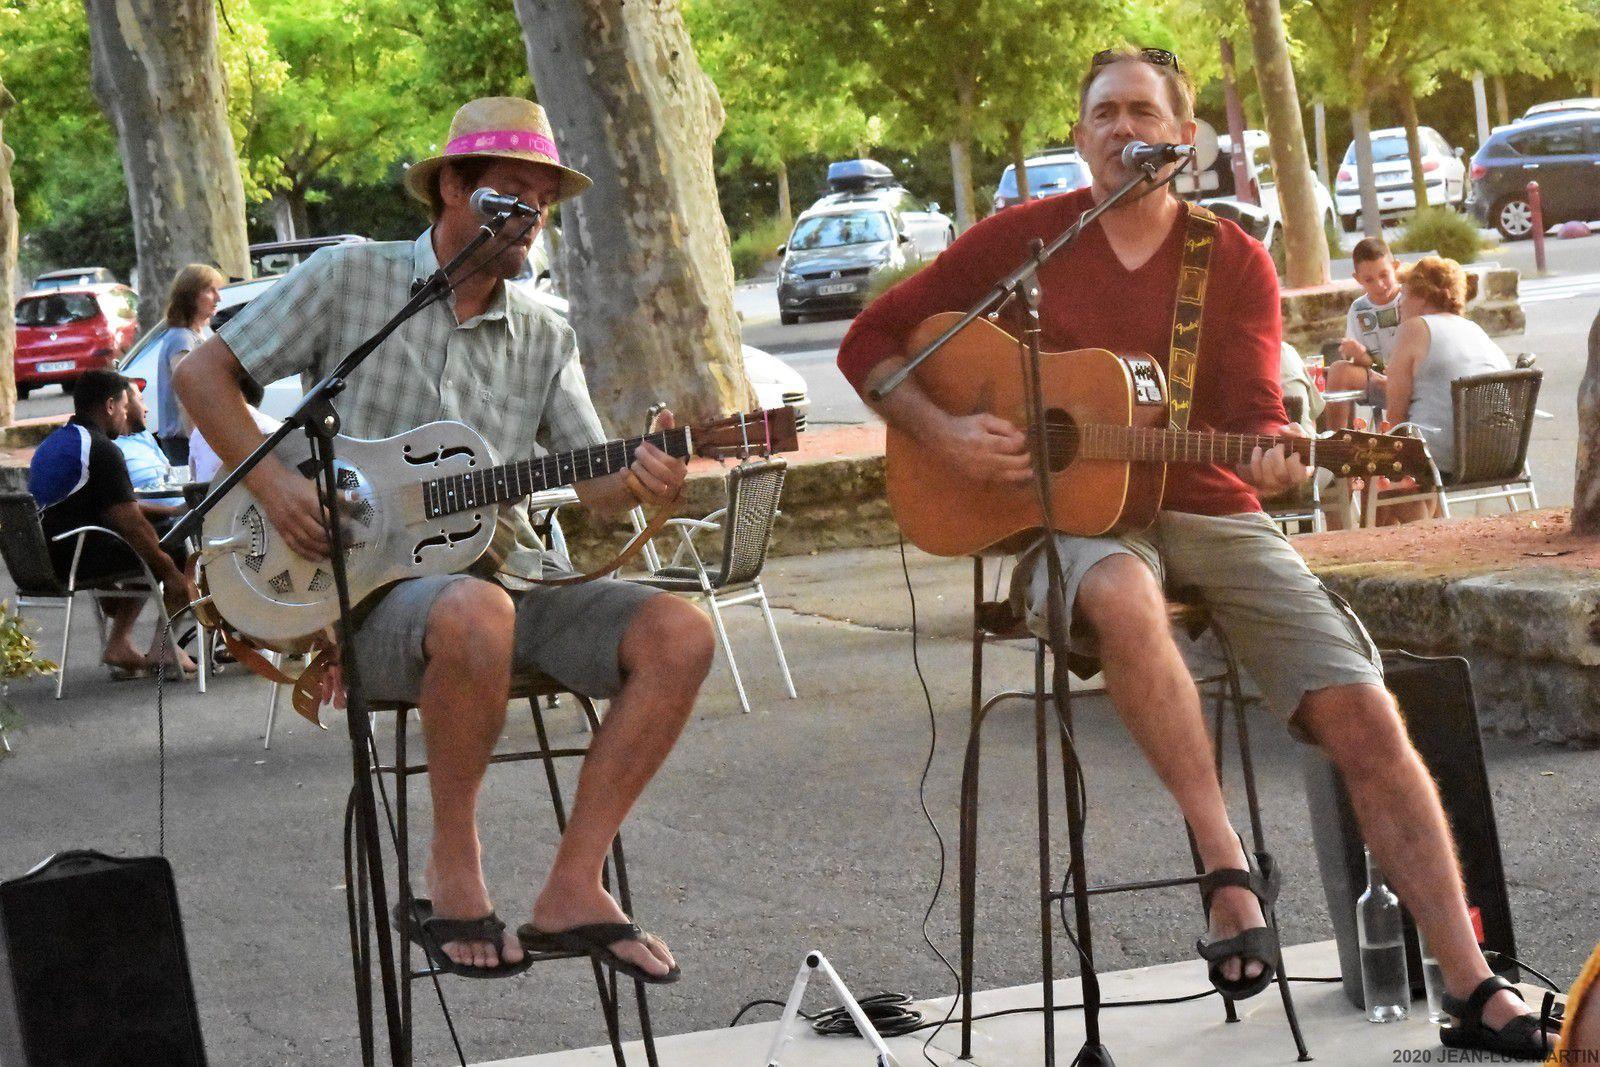 PIC SAINT BLUES AU JAZZ CORNER CAFE A SOMMIERES LE 22/7/2020